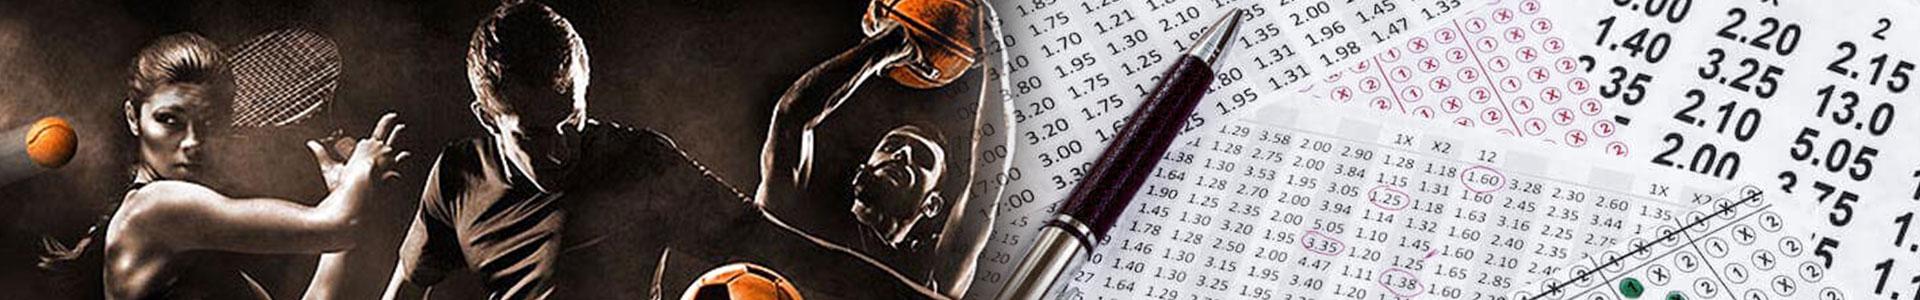 நிறுவனங்கள் Incubator Companies FindWeb பட்டியல்